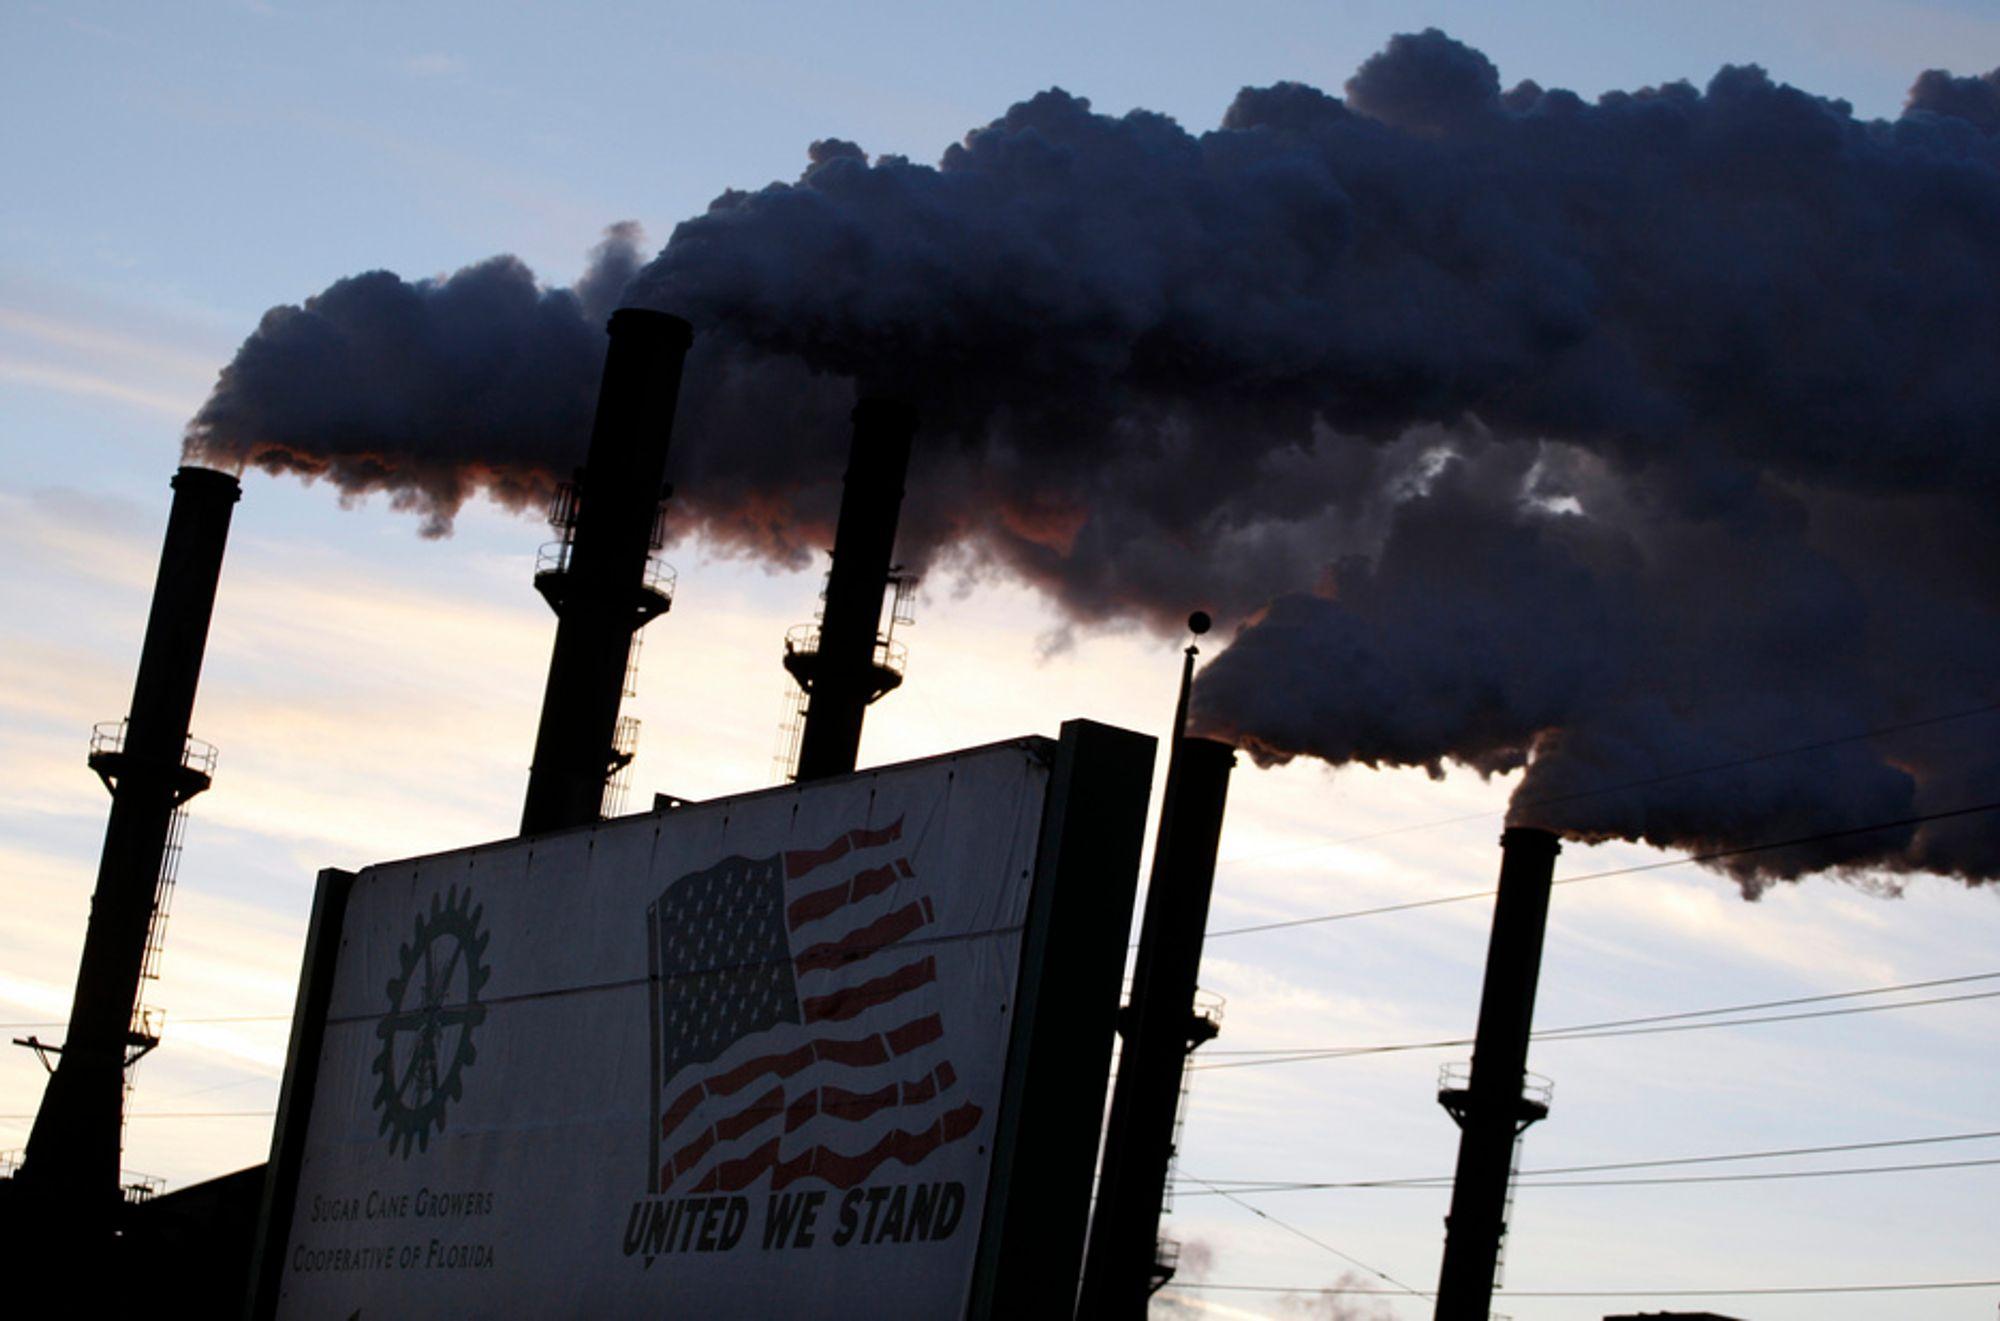 NY FOKUS: Amerikanerne er mer opptatt av å sikre amerikanske arbeidsplasser enn av miljøvennlig industri, mener kommunikasjonsrådgiveren Frank Luntz. Bildet er fra en sukkerfabrikk i Florida.